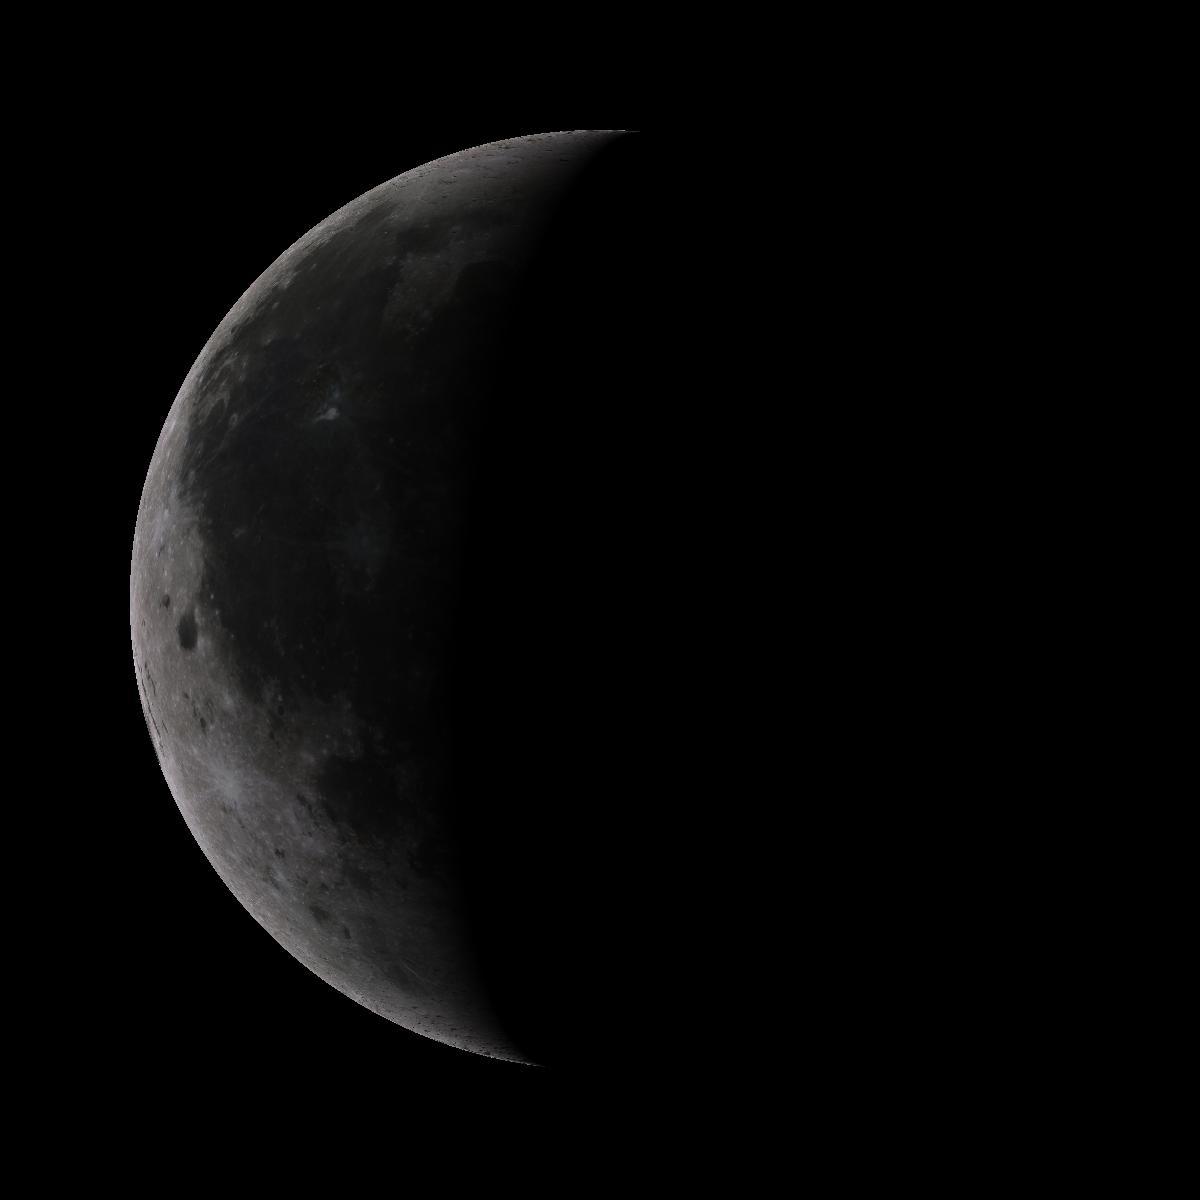 Lune du 25 aout 2019